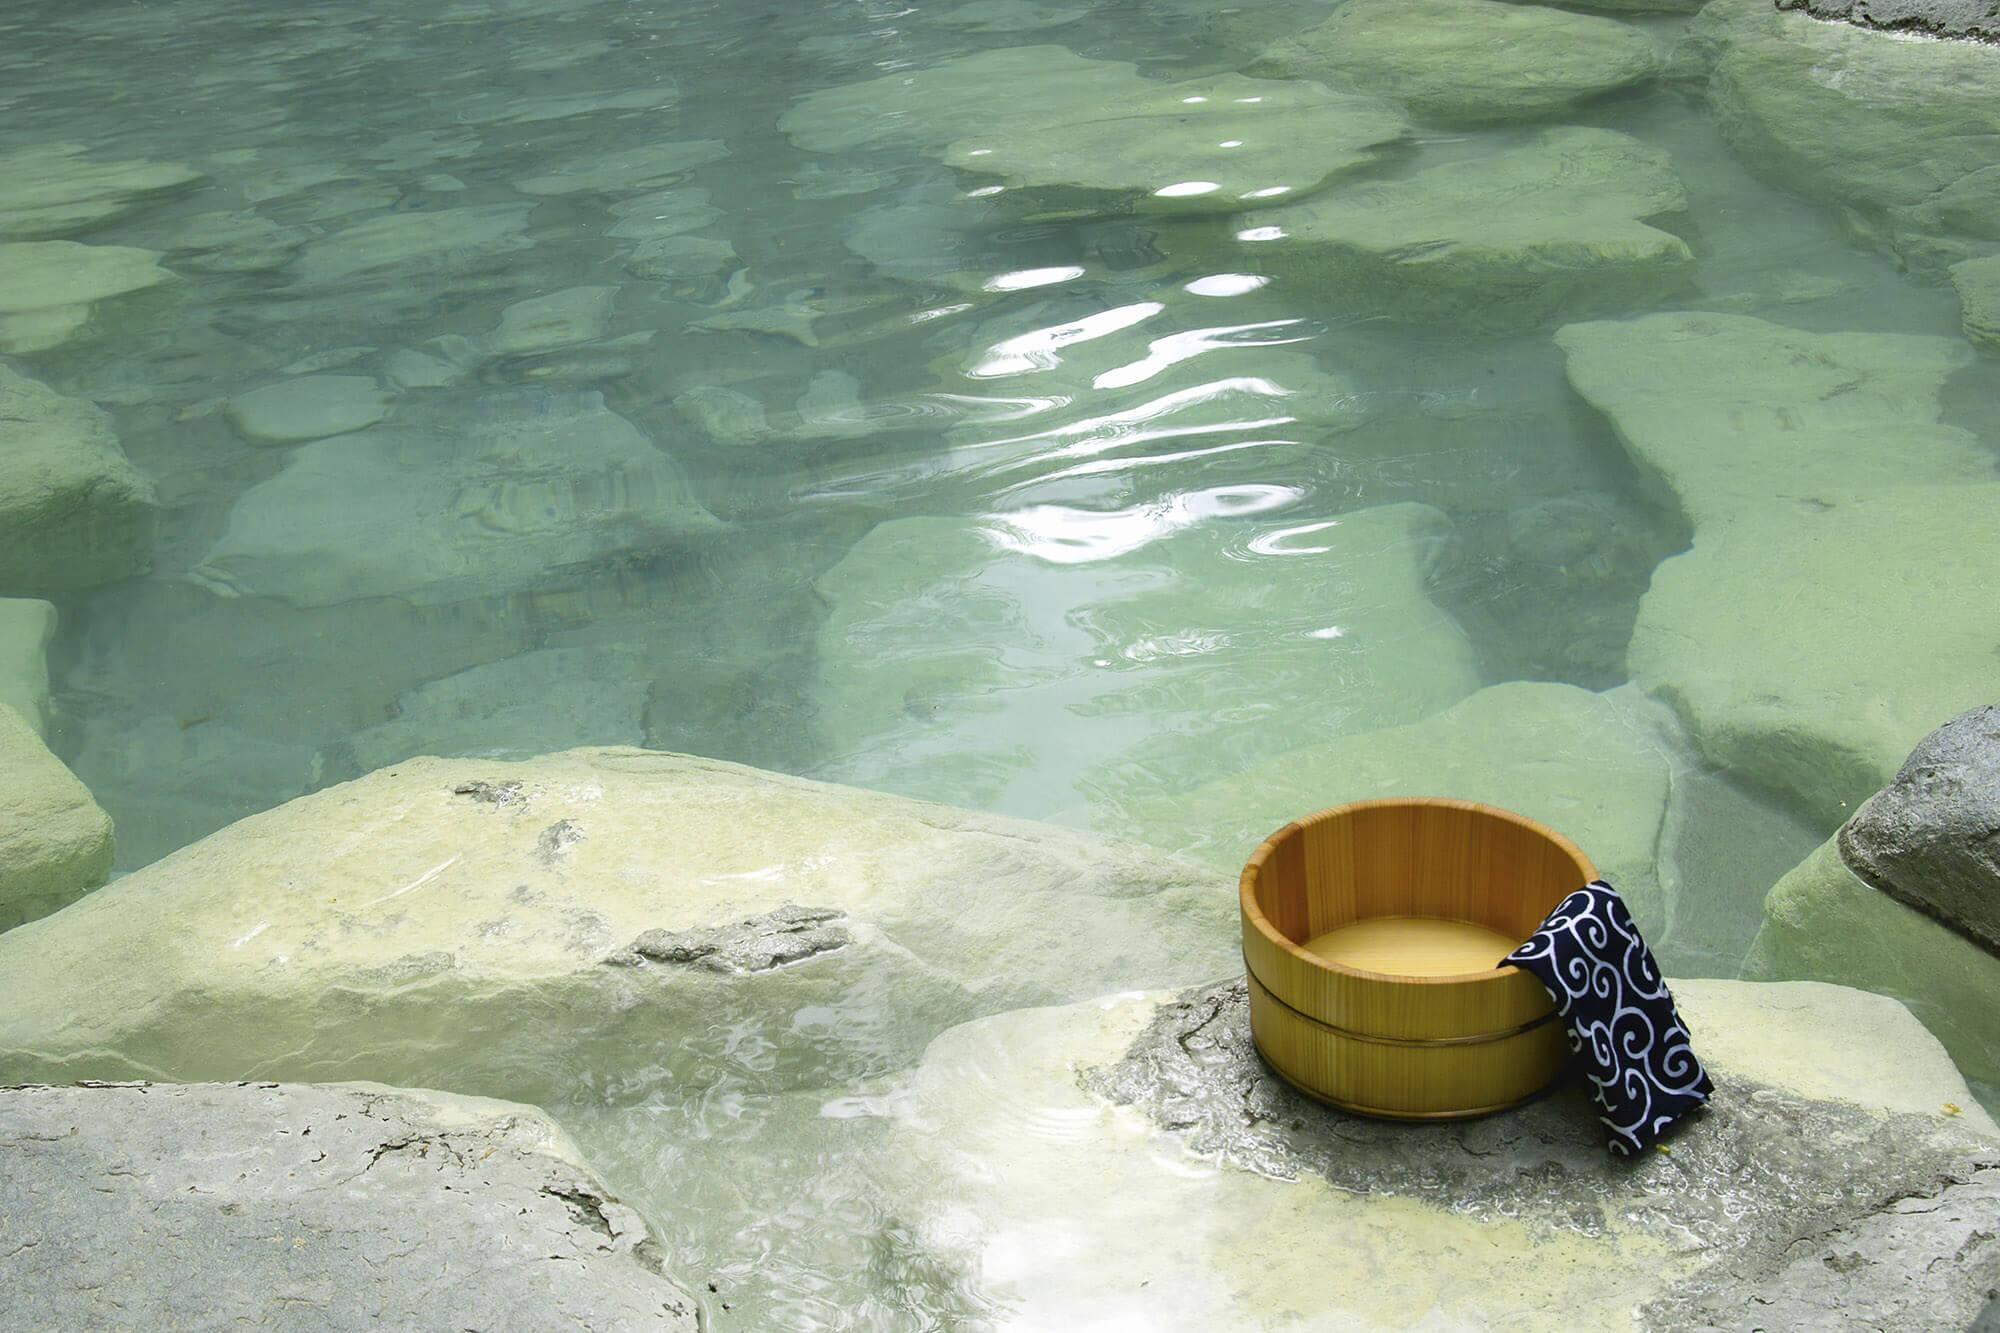 おうちに帰ってからも蔵王を楽しめる。蔵王温泉お土産10選!